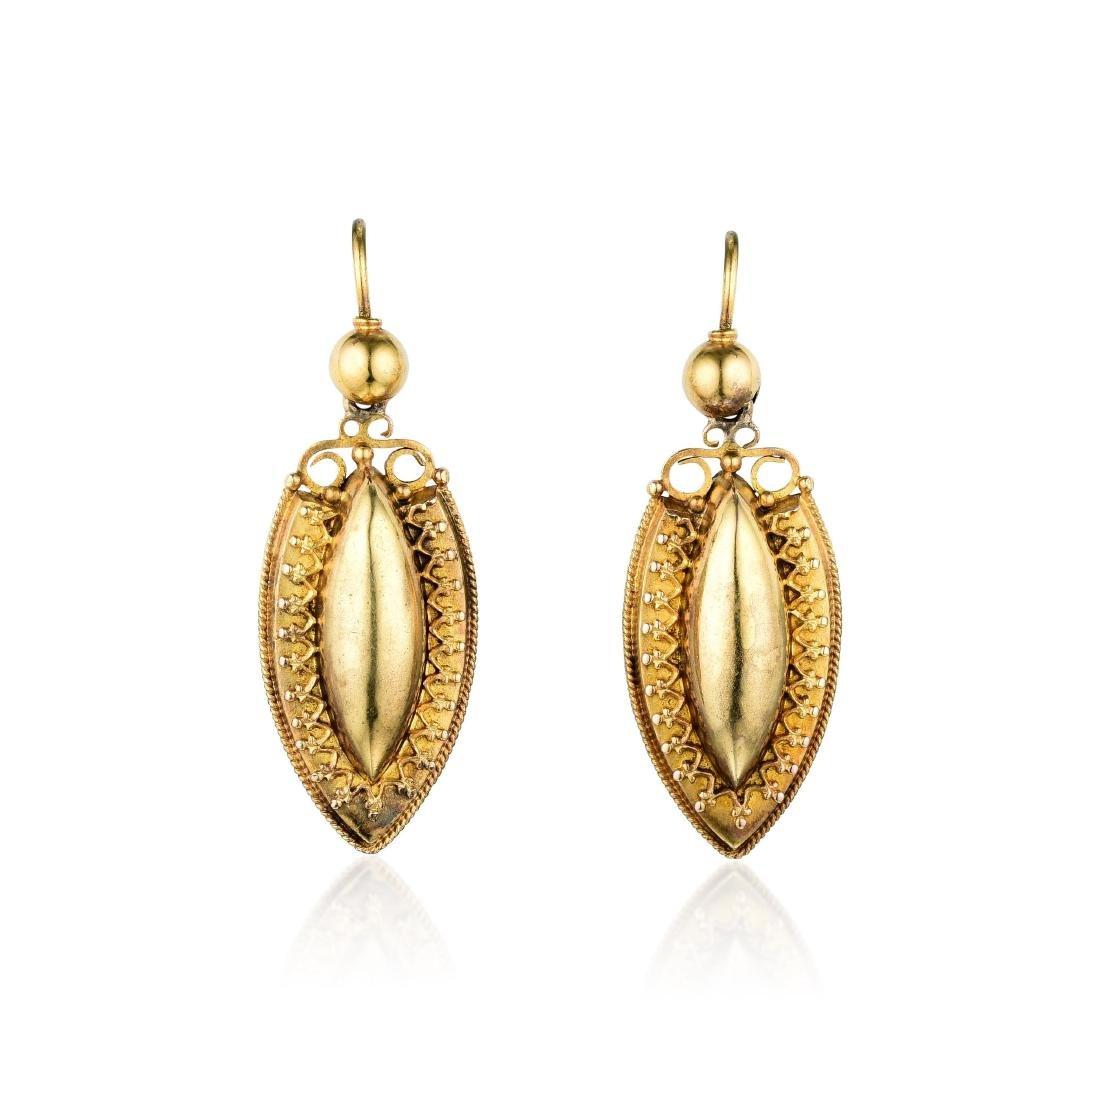 Victorian 14K Gold Earrings